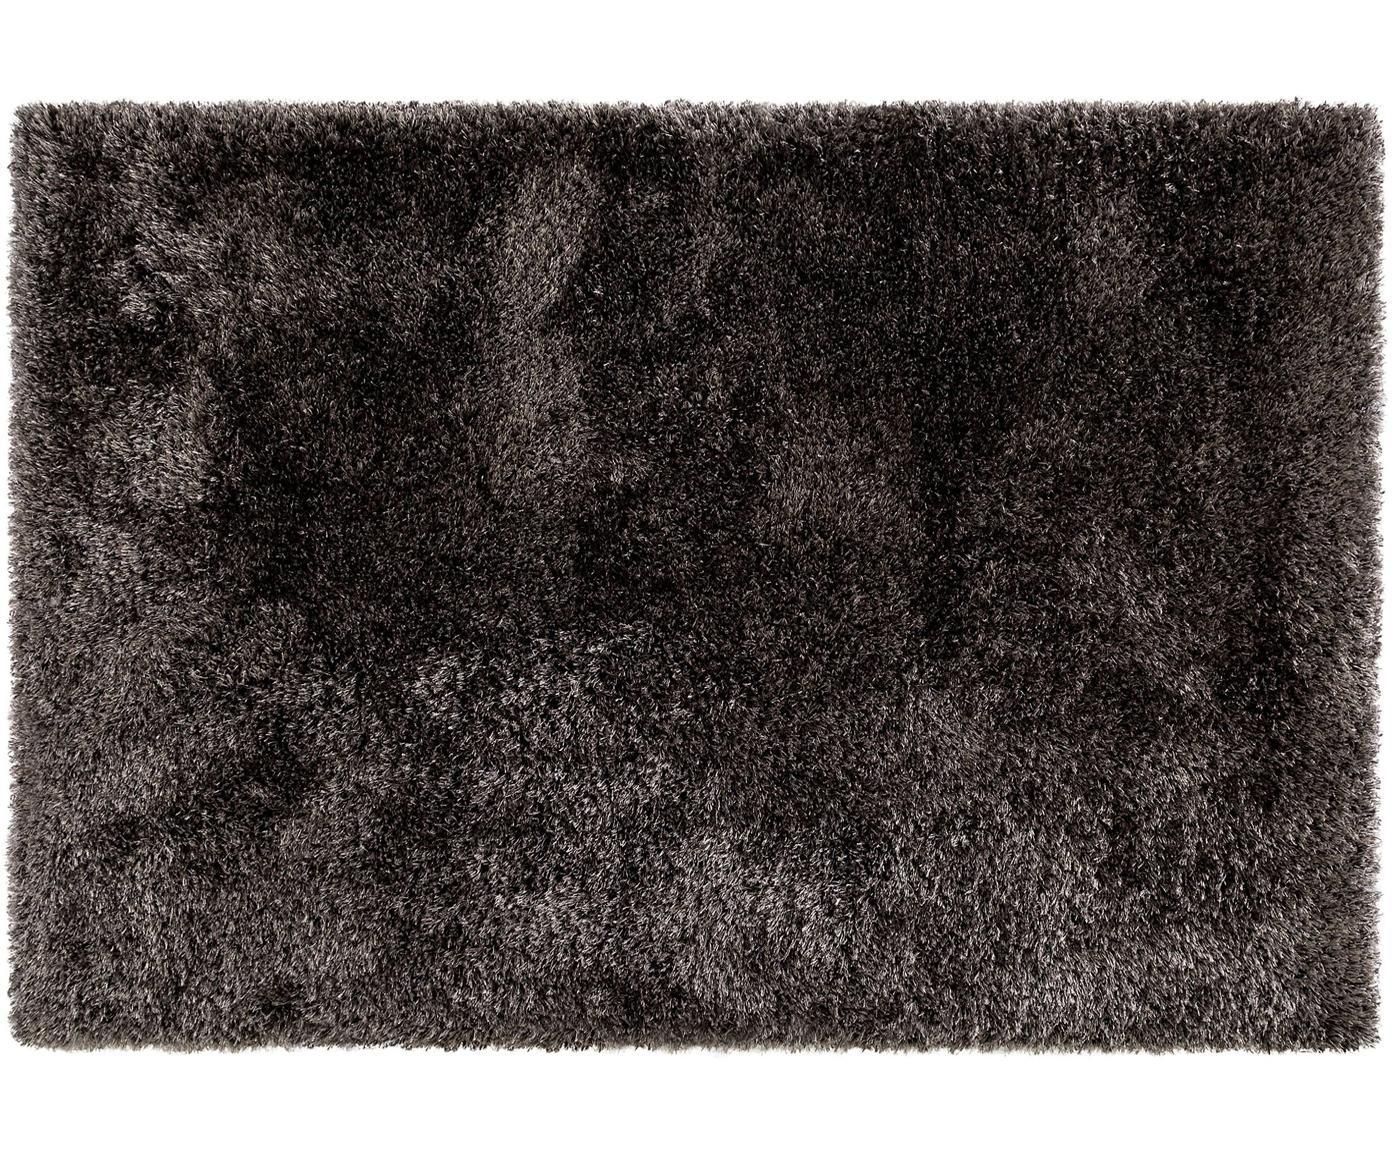 Glanzend hoogpolig vloerkleed Lea, 50% polyester, 50% polypropyleen, Antraciet, B 140 x L 200 cm (maat S)